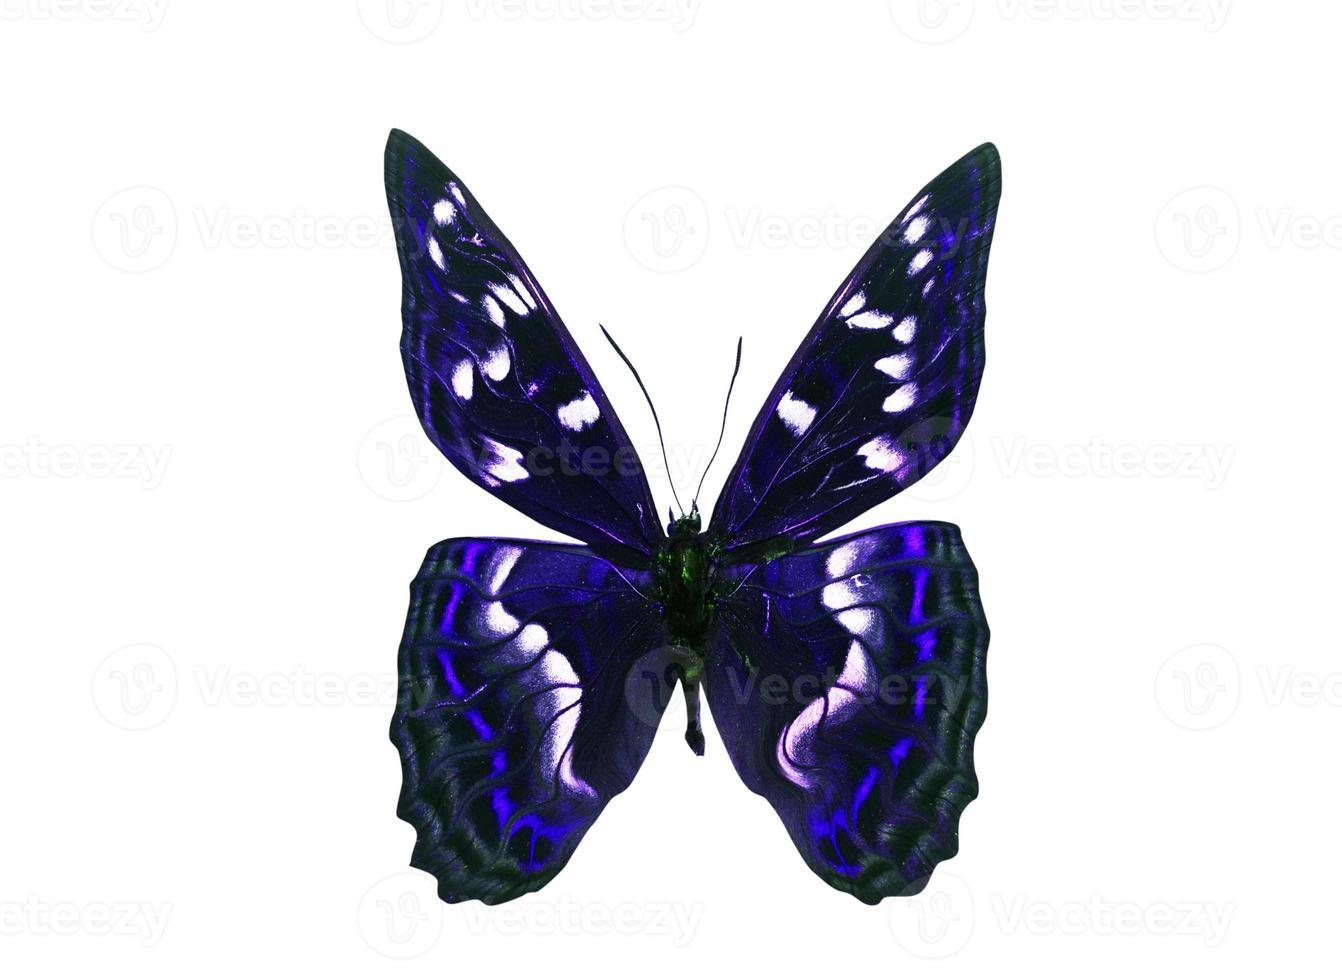 farfalla di colore scuro con ali viola. isolato su sfondo bianco foto